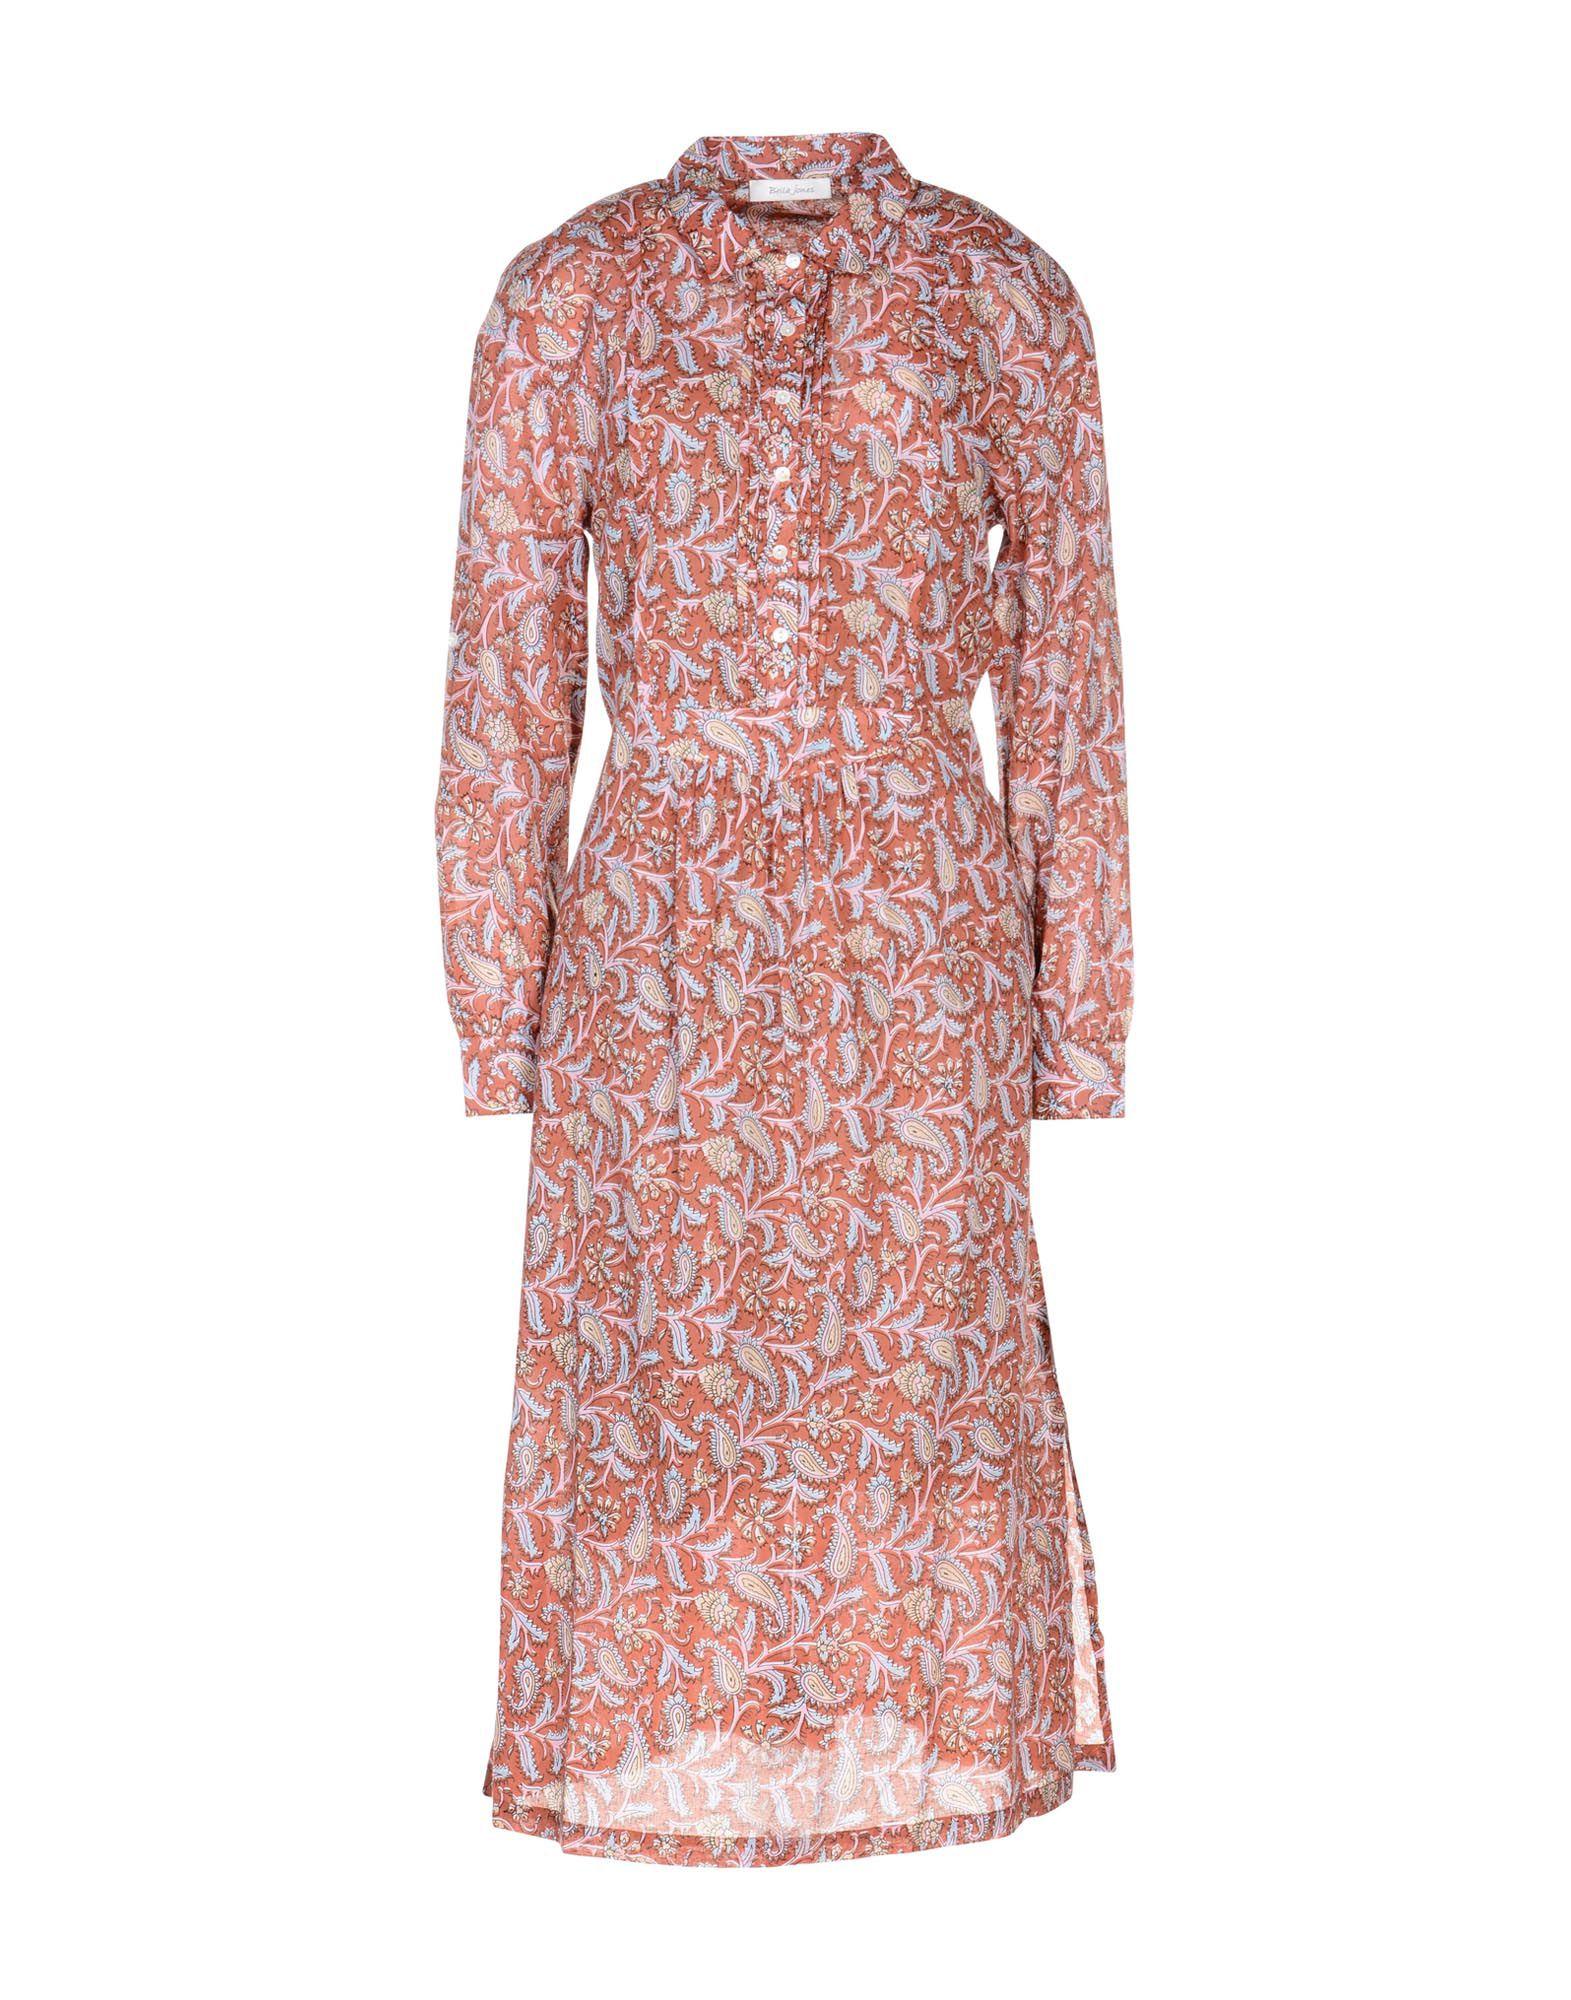 BELLA JONES Платье длиной 3/4 bella jones юбка до колена